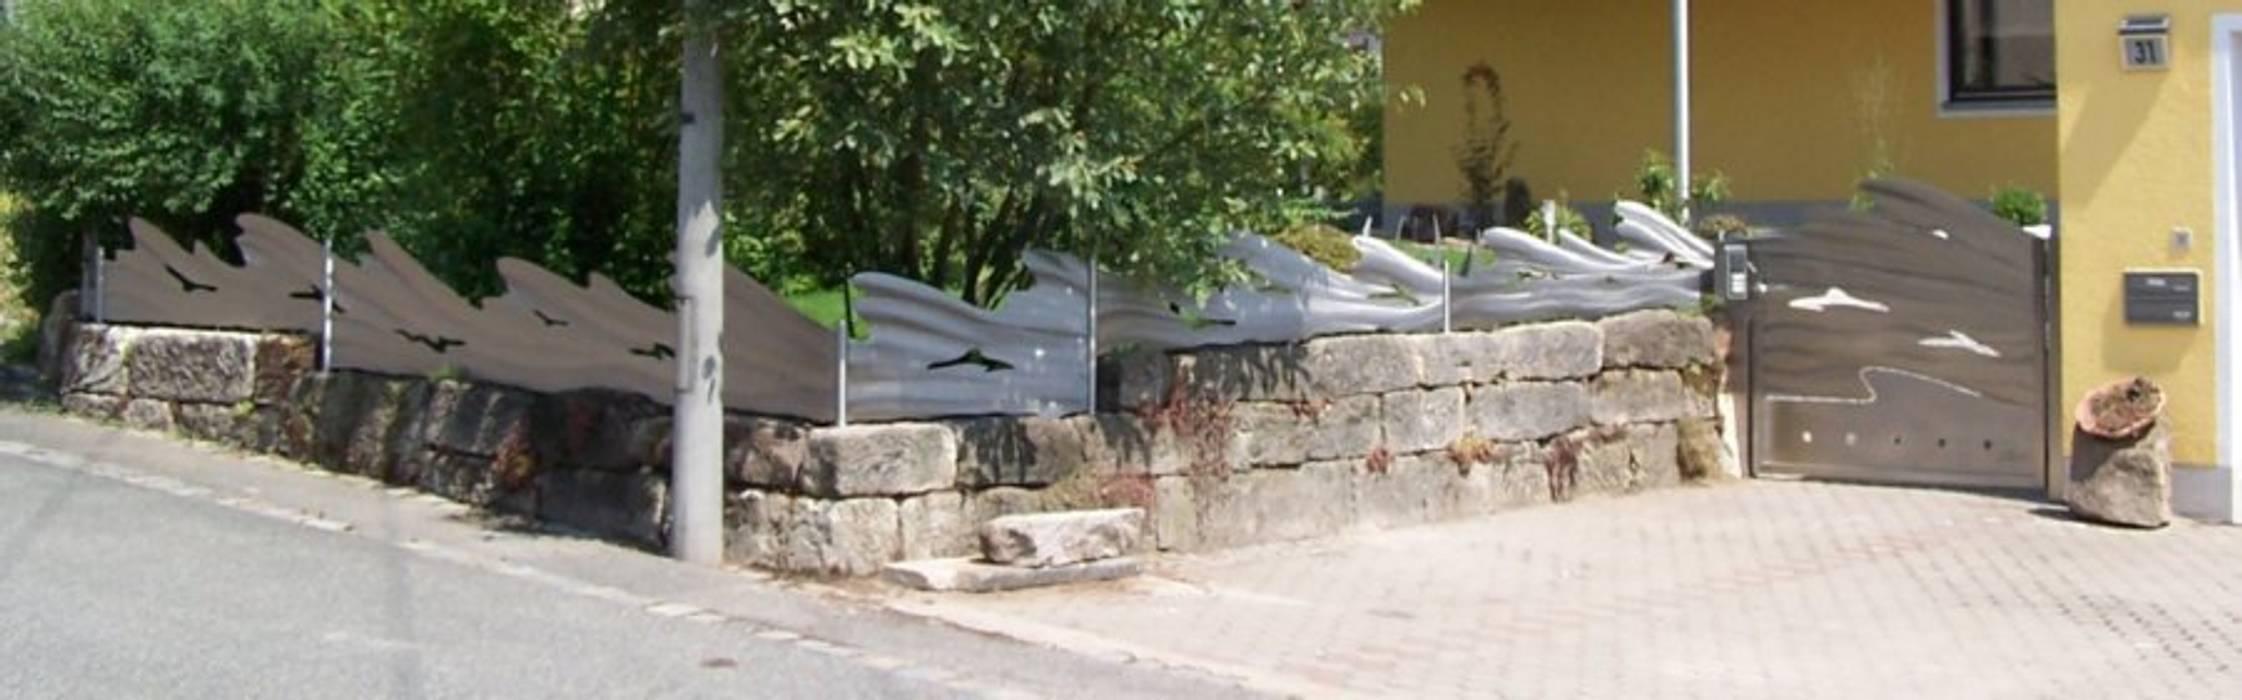 Edelstahl Zaun Moderner Garten von Edelstahl Atelier Crouse: Modern